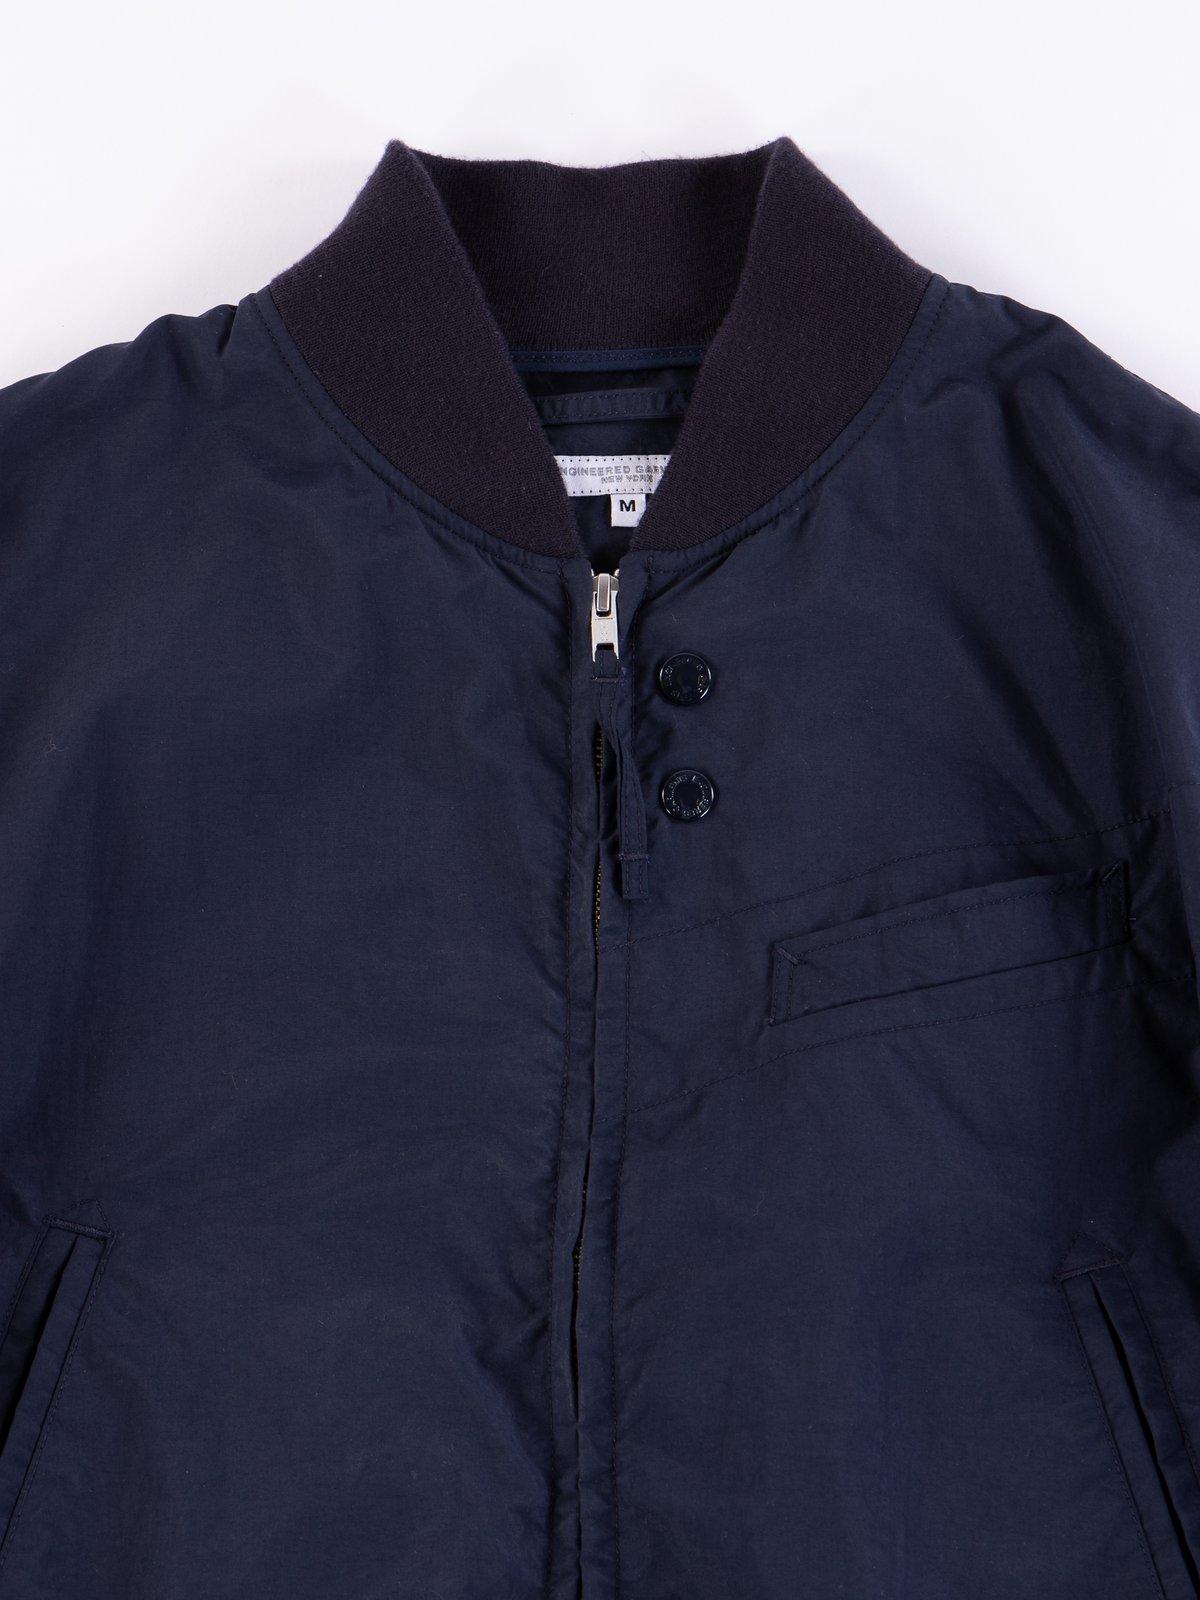 Navy Acrylic Coated Nylon Taffeta Aviator Jacket - Image 3